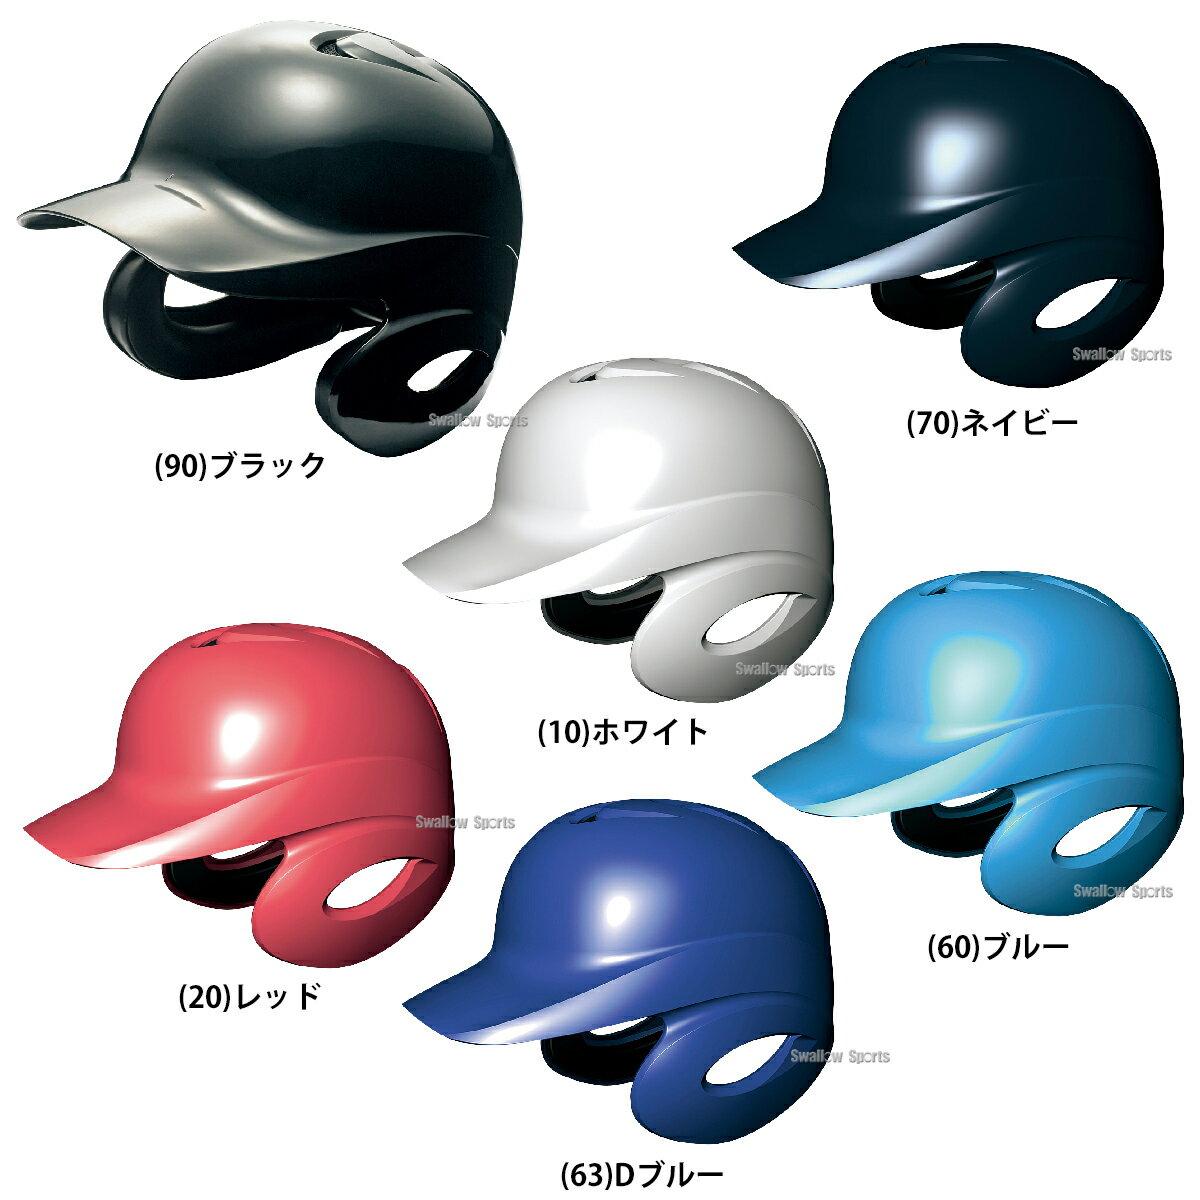 SSK エスエスケイ 軟式 打者用 ヘルメット 両耳付き H2500 野球用品 スワロースポーツ